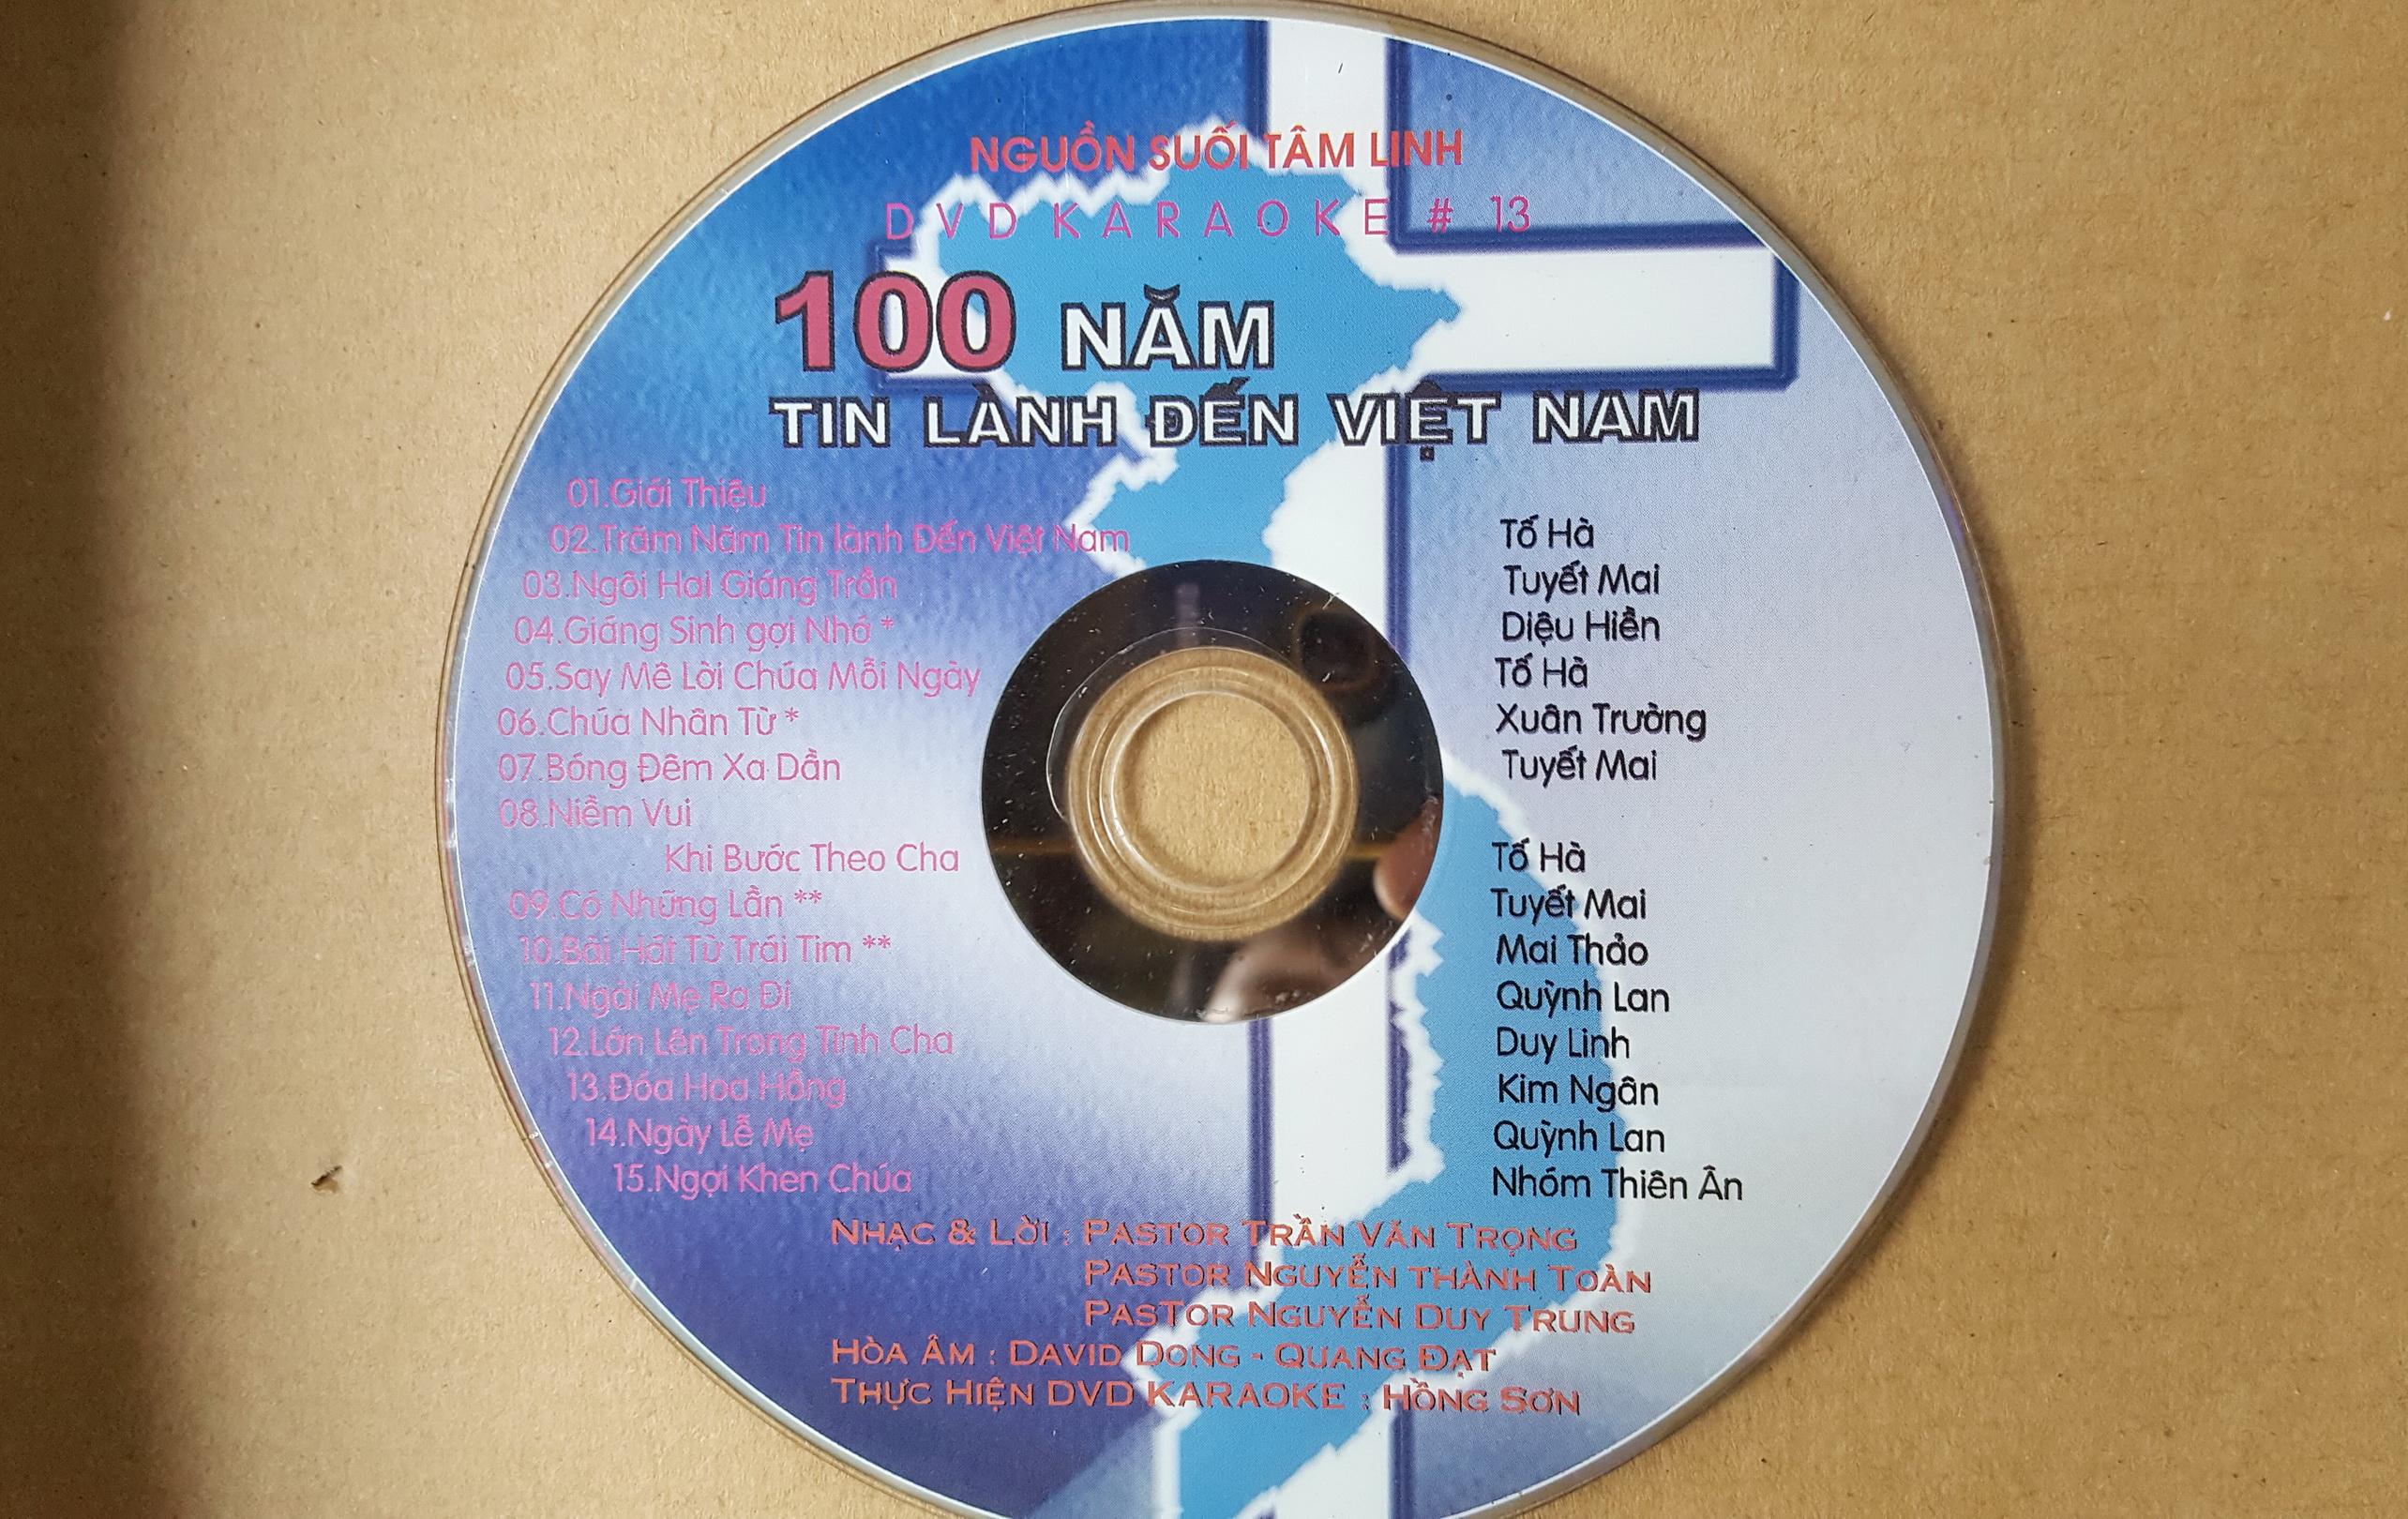 100 nam tin lanh den vn - DVD karaoke